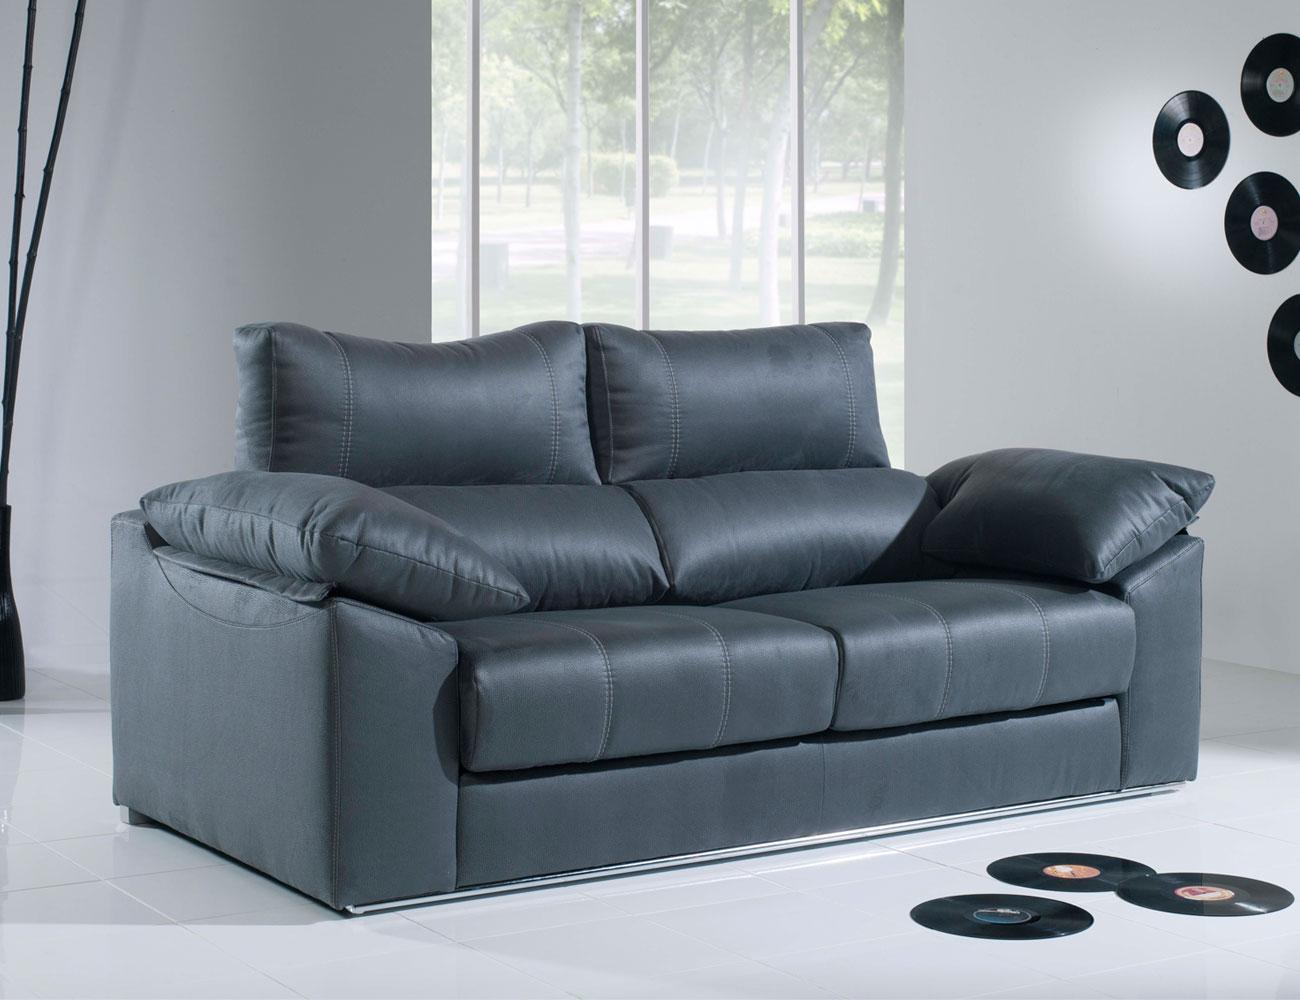 Sofa 3 plazas moderno con barra4